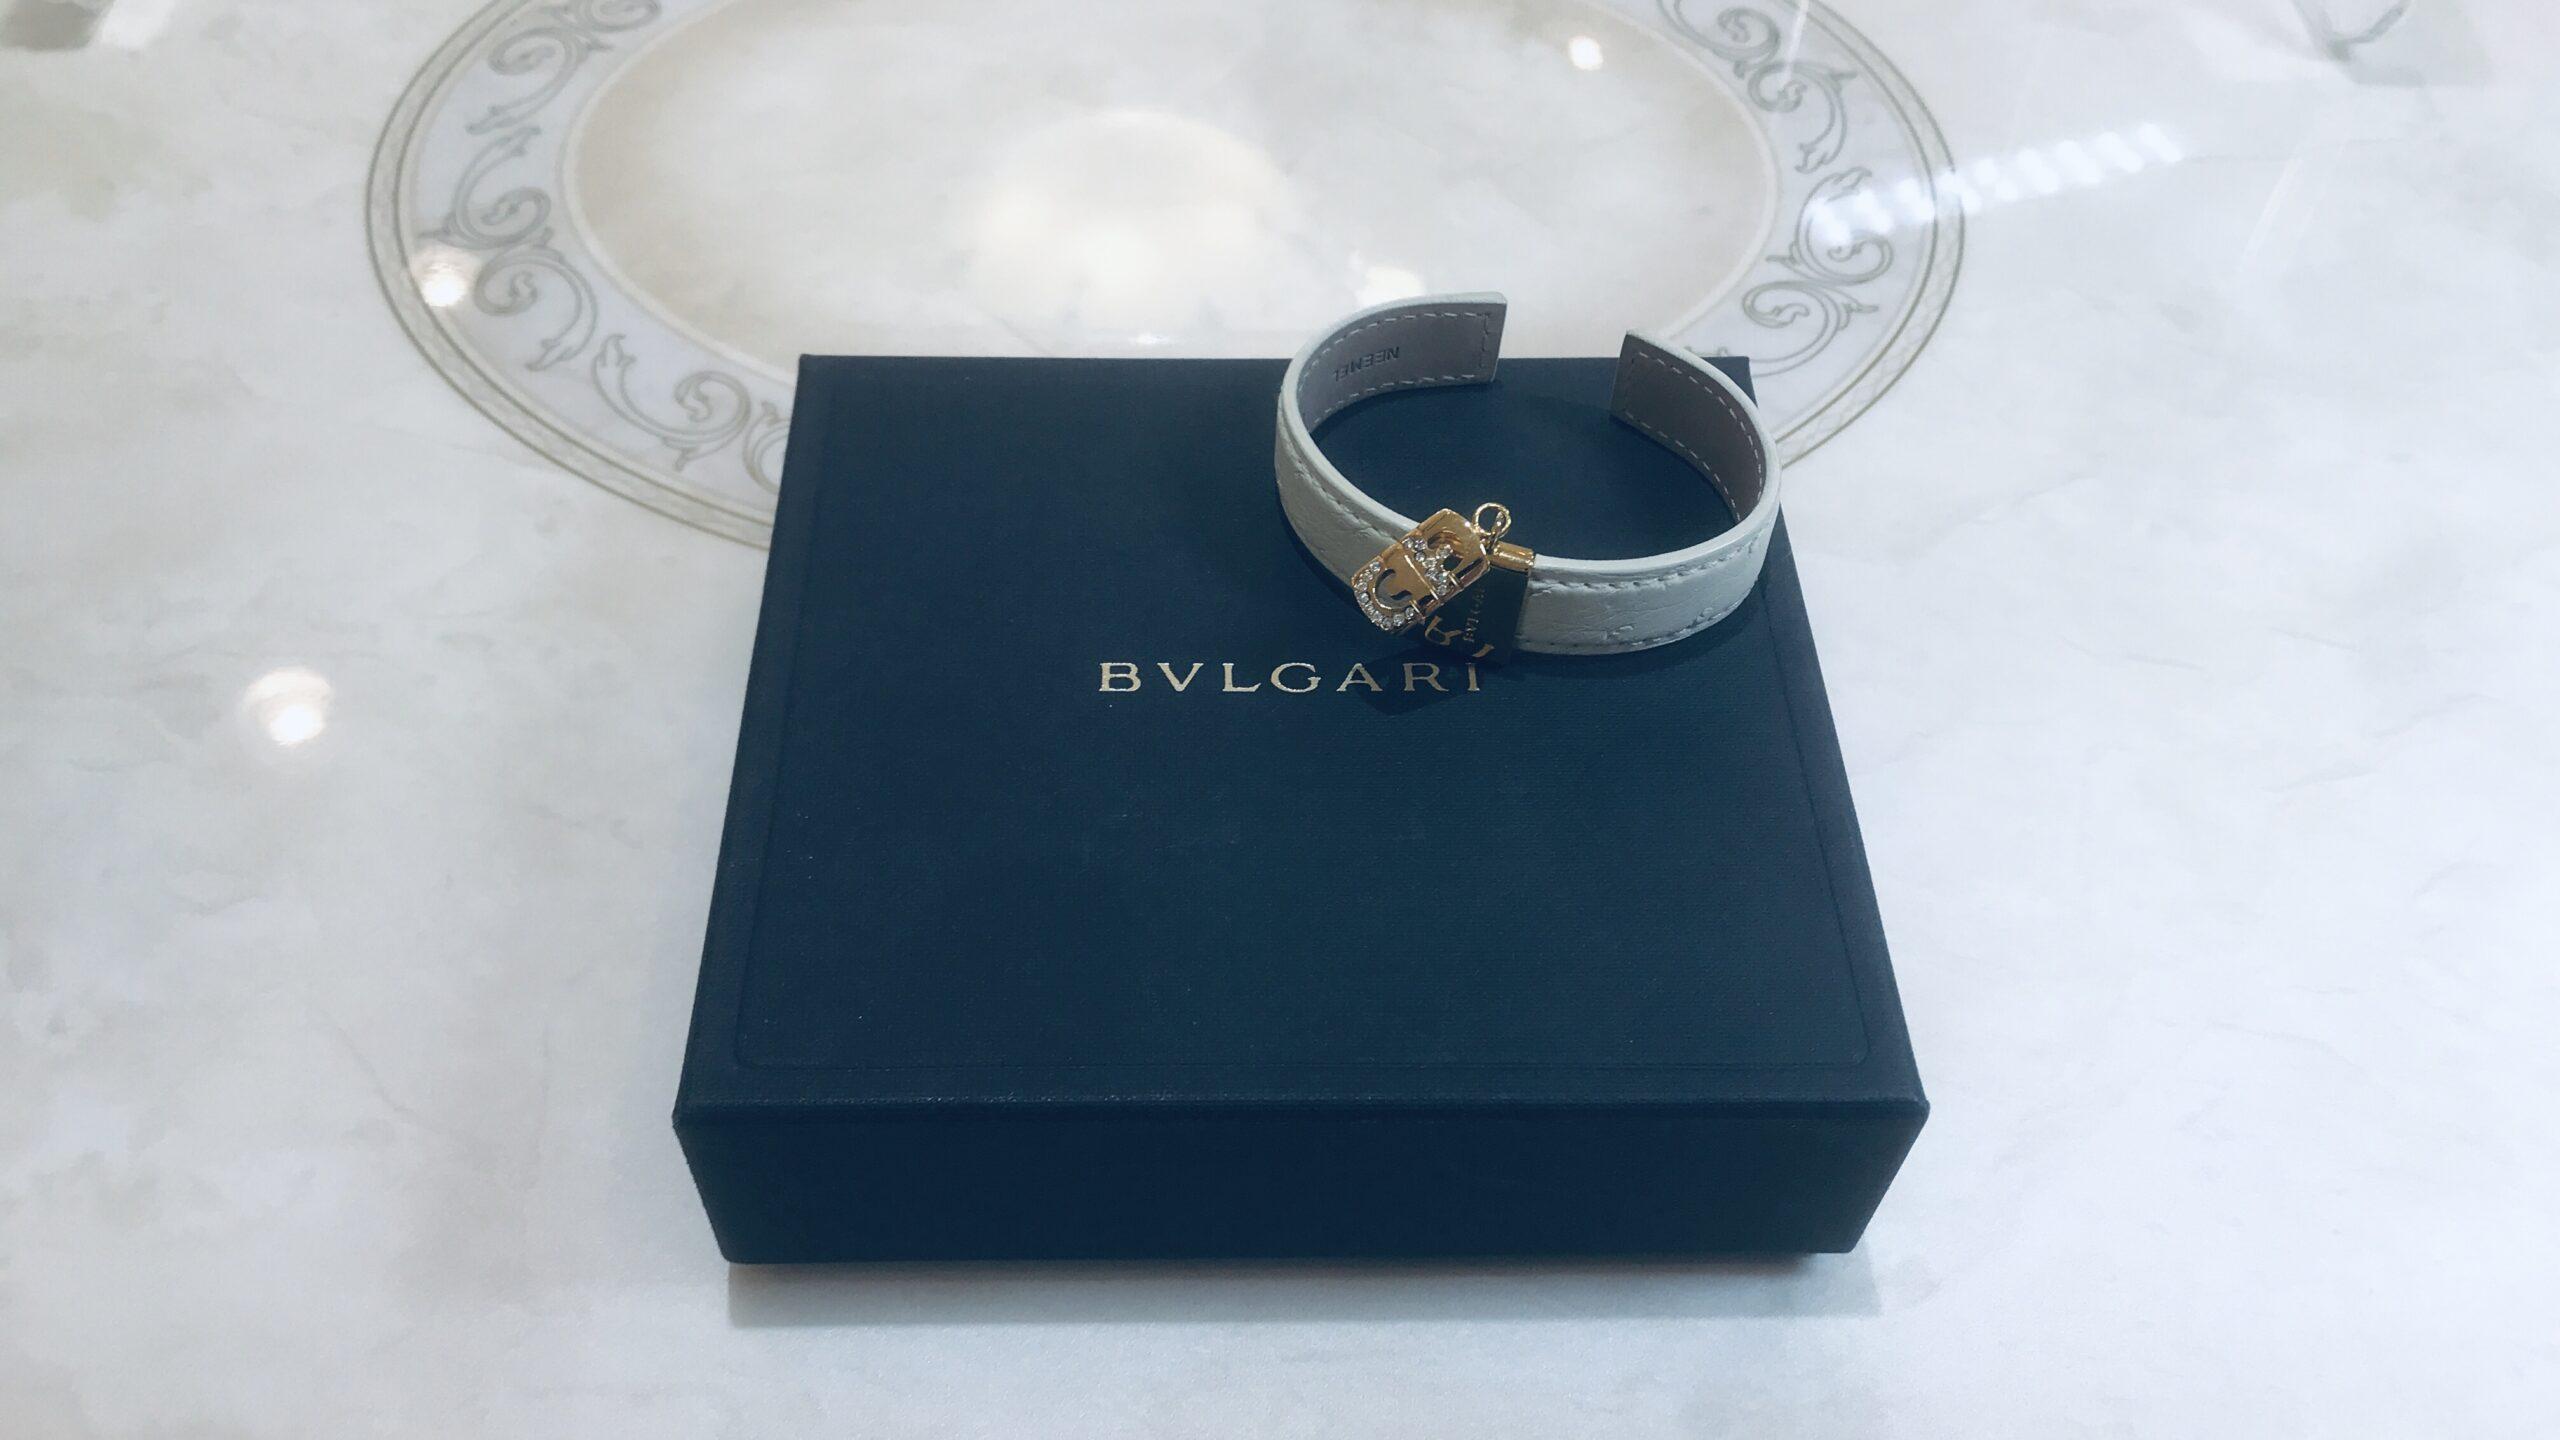 【買取速報】ブレスレット、BVLGARI-2020-08-21